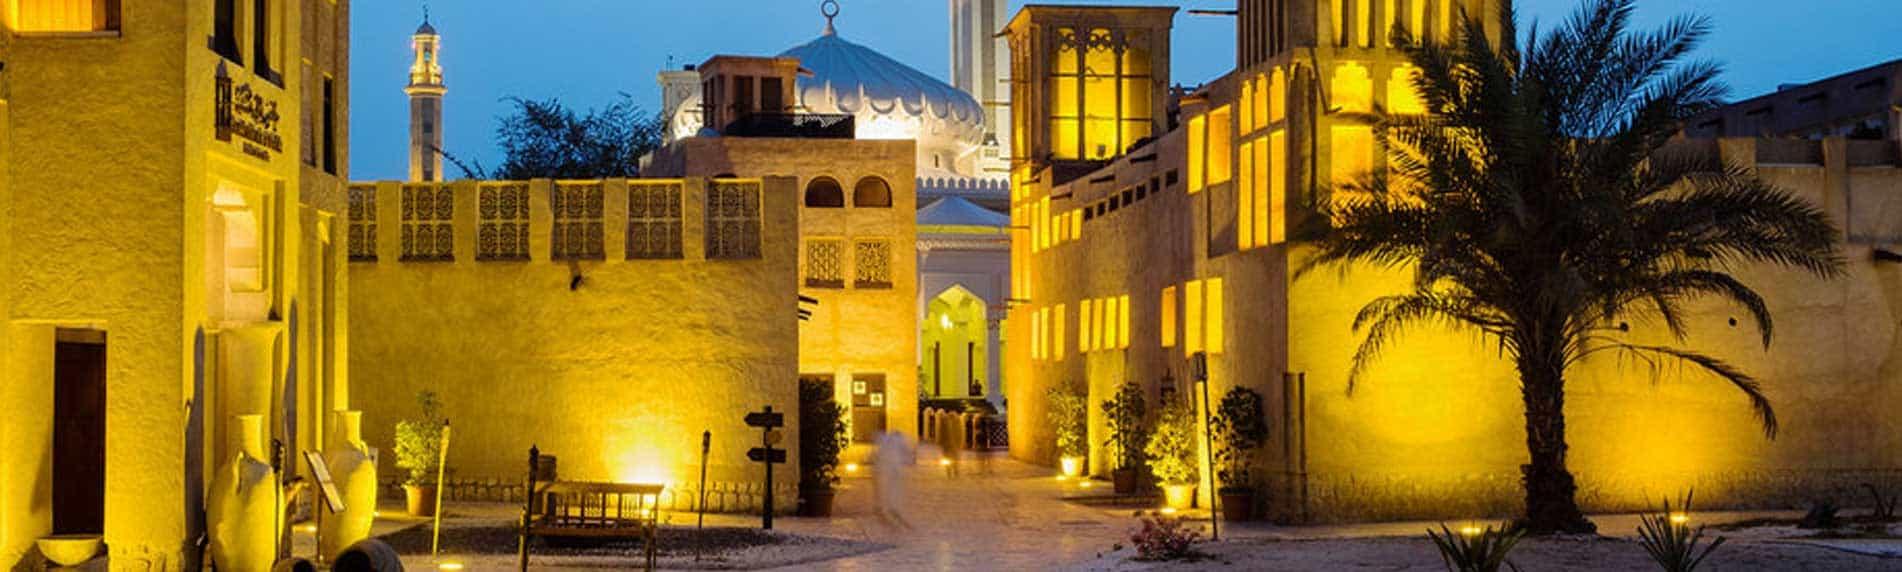 Cultural Dubai 4 Nights Package